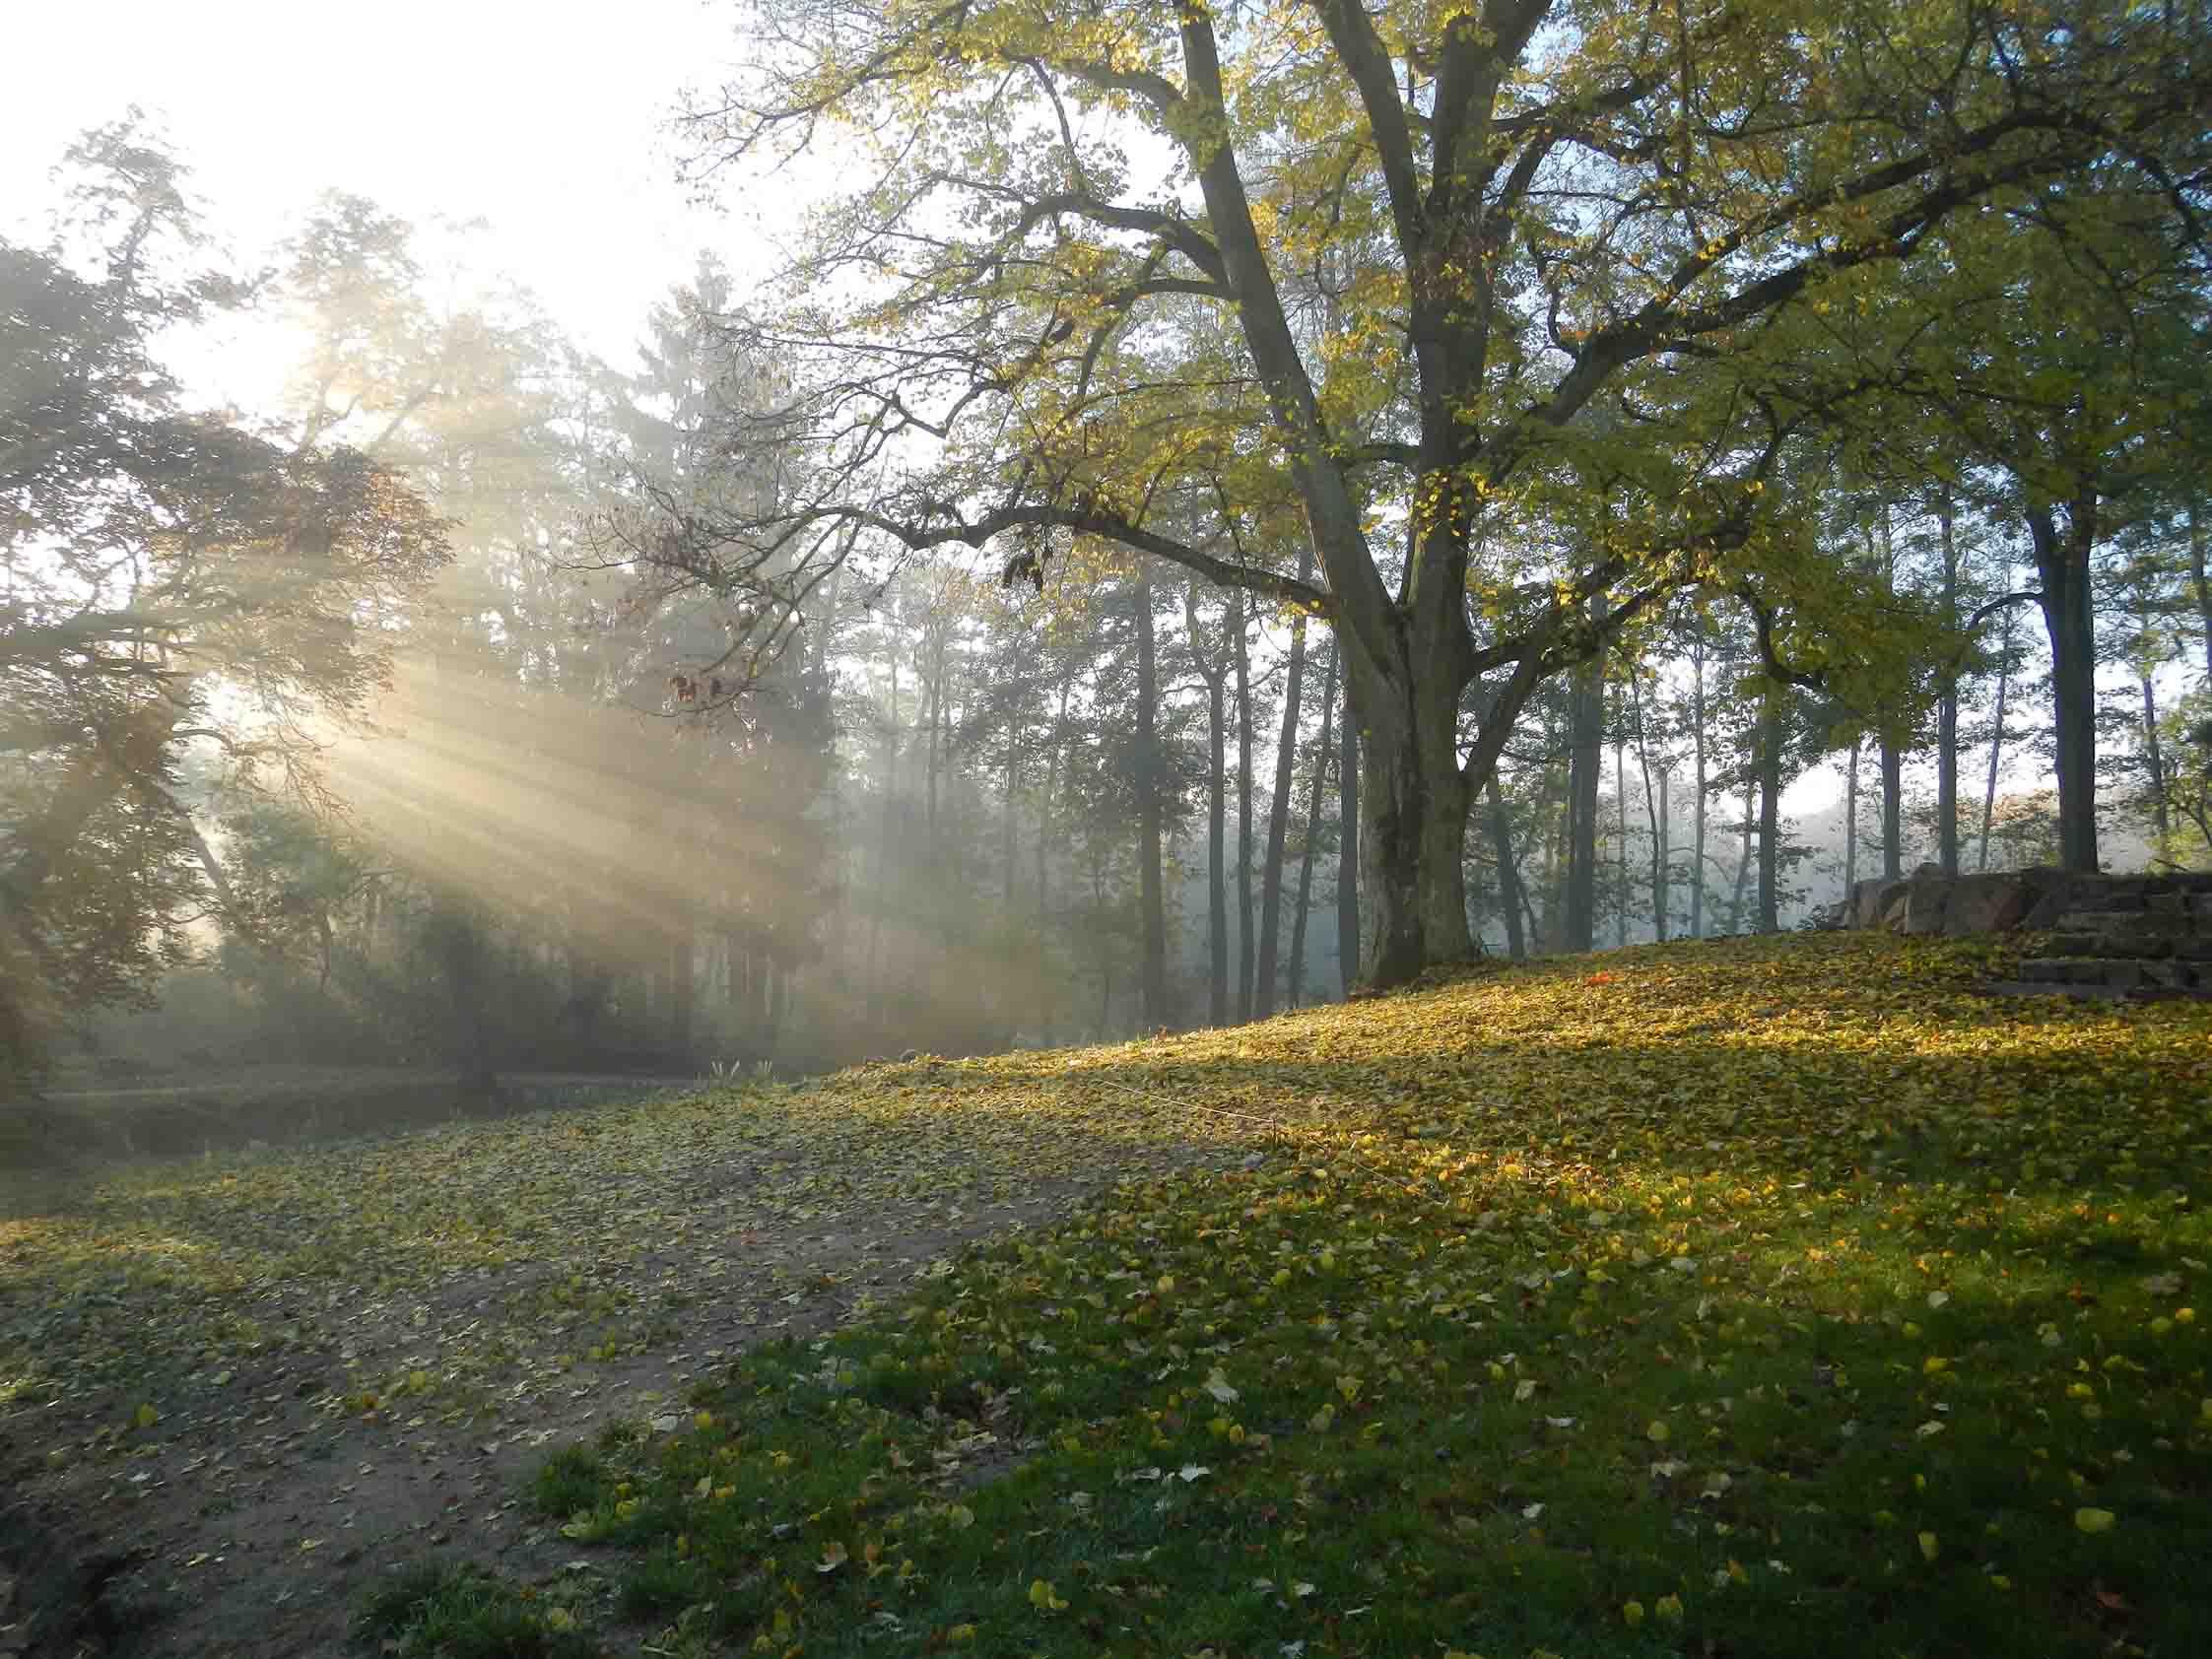 Droga w parku zabytkowym, jesień, światło